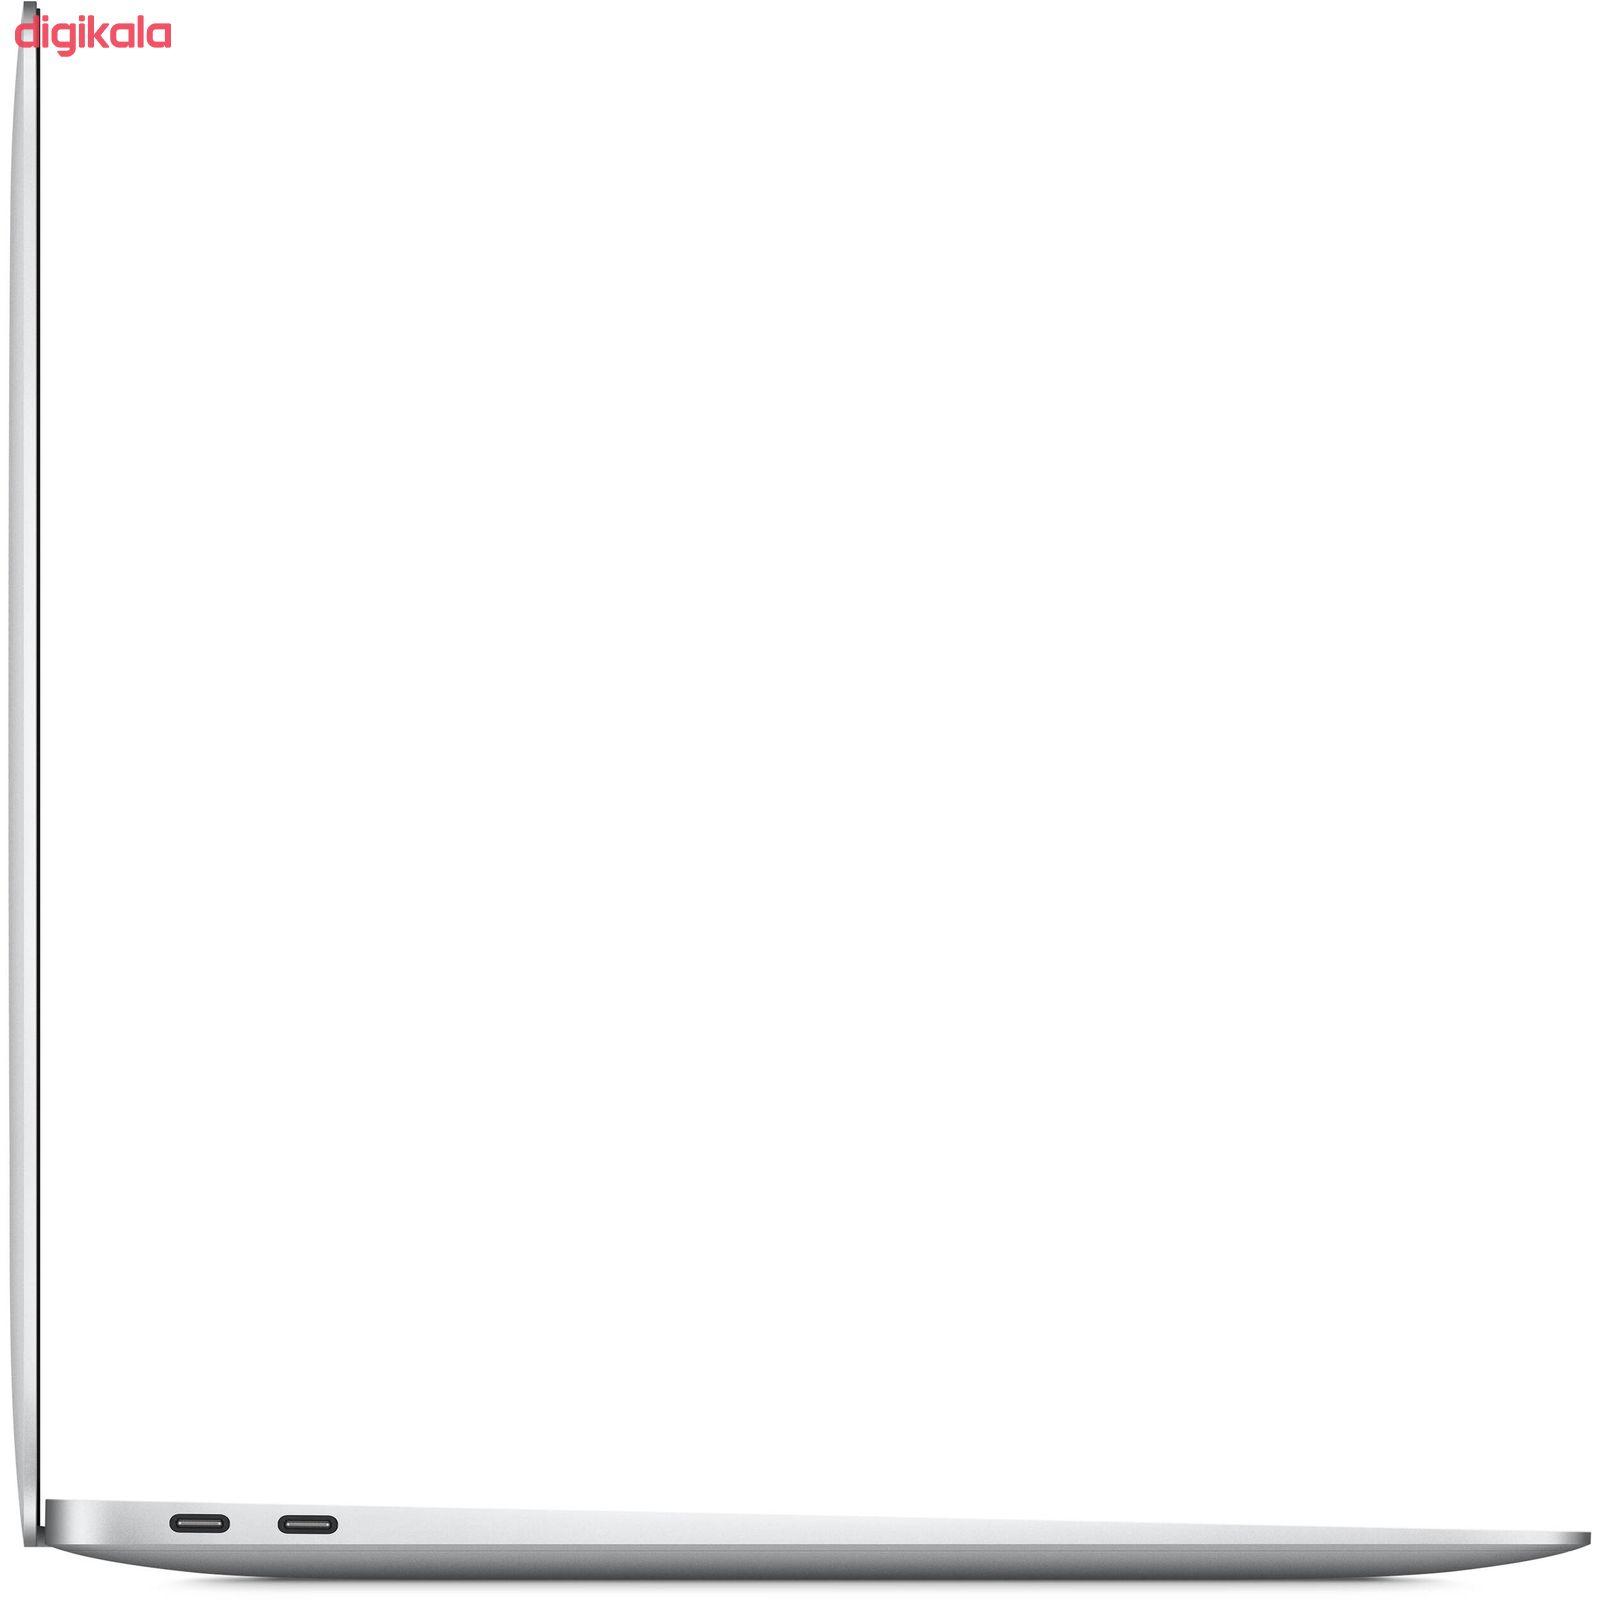 لپ تاپ 13 اینچی اپل مدل MacBook Air MGNA3 2020 main 1 3